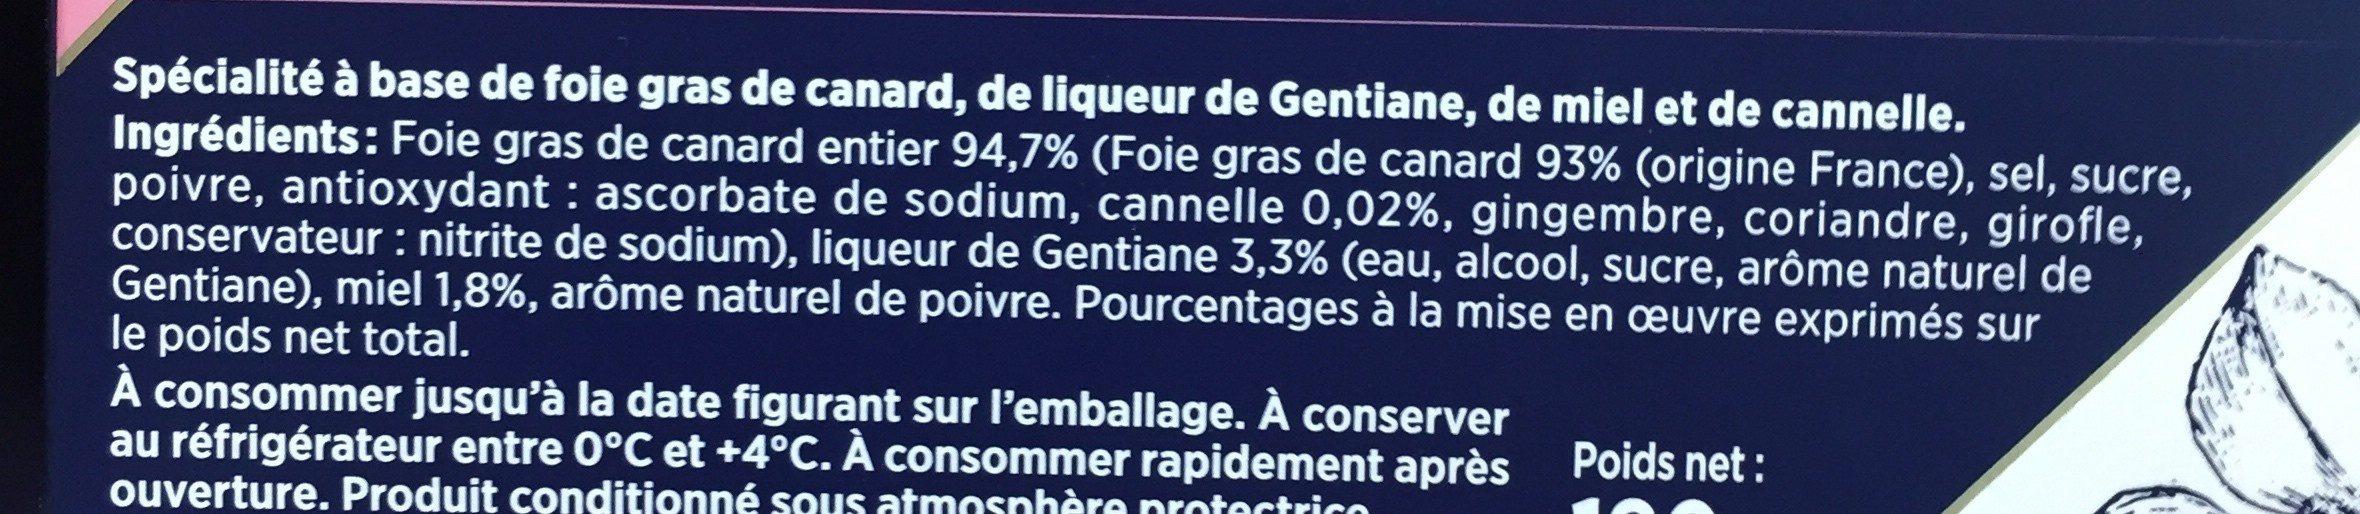 Foie gras de canard Création 2 - Ingrédients